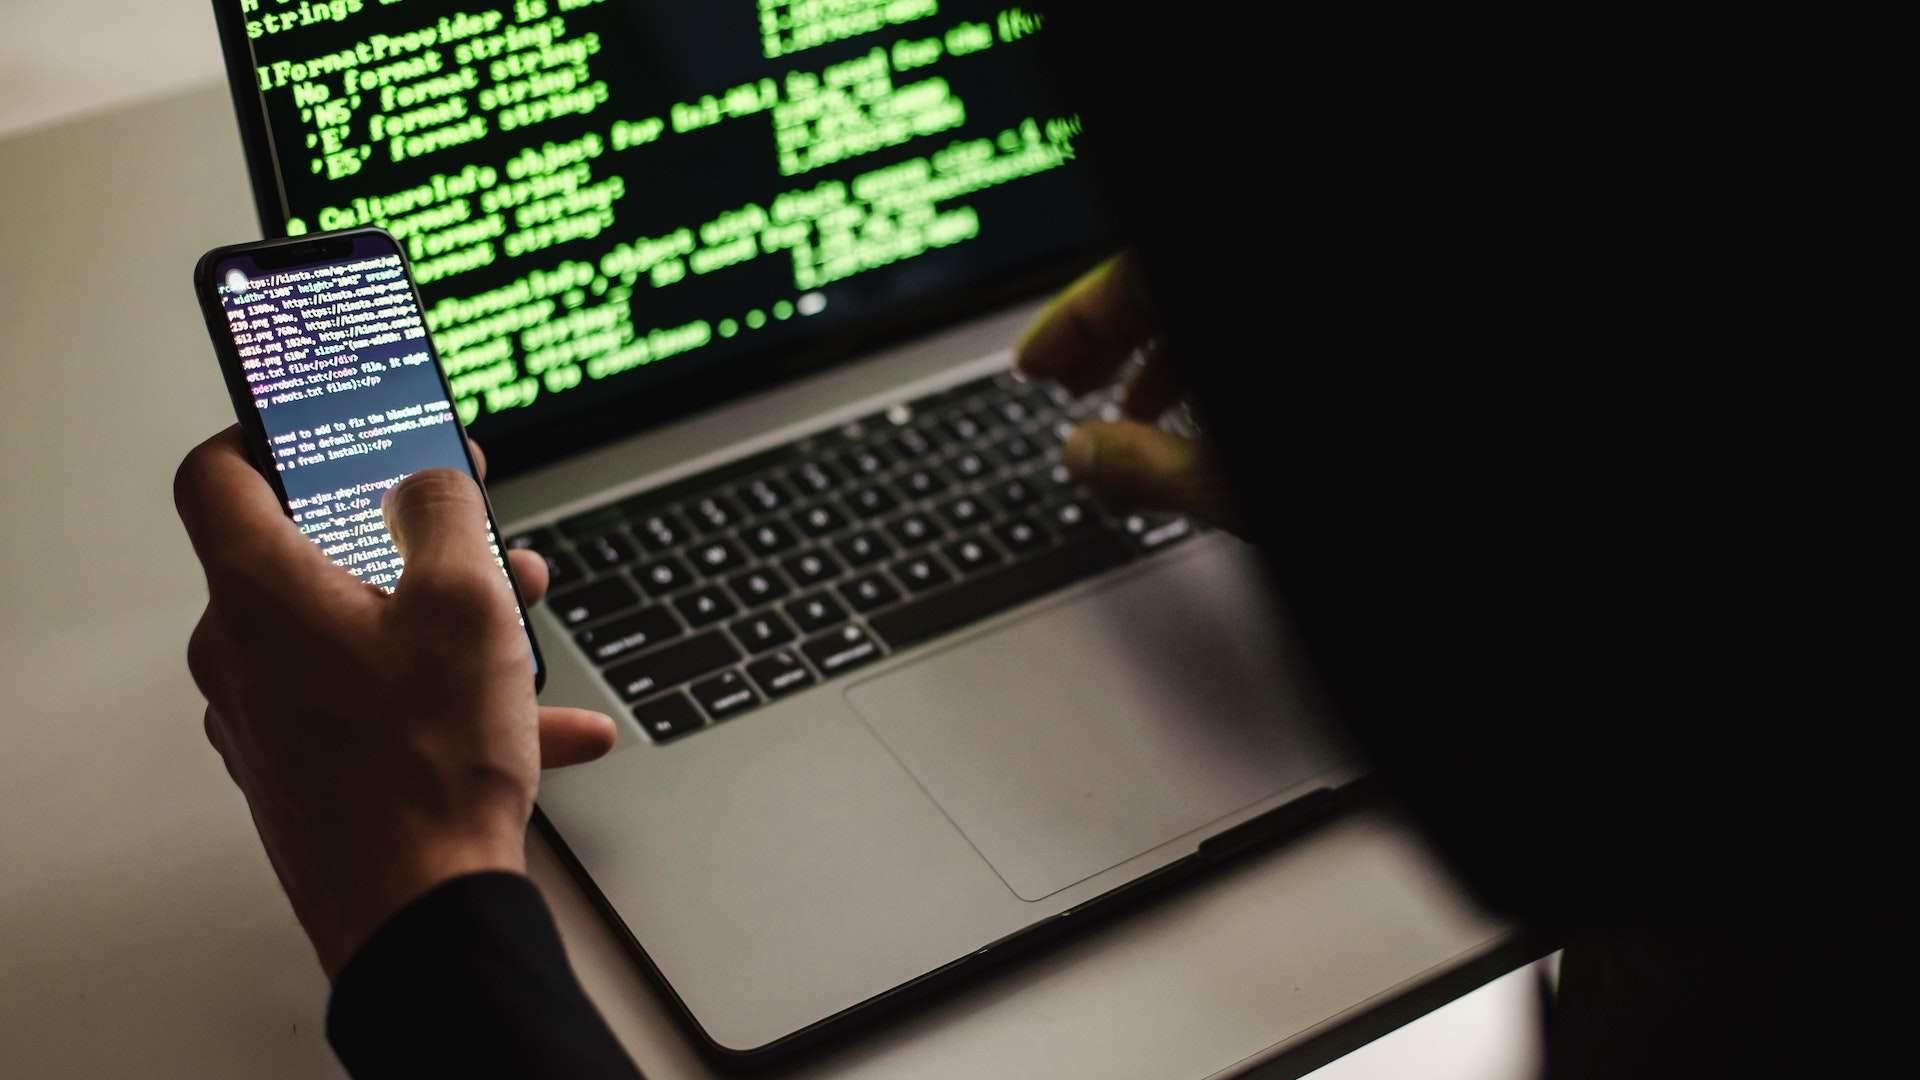 ¿Qué es el Phishing? Es la técnica más sencilla y efectiva para robar información personal así como provocar timos.